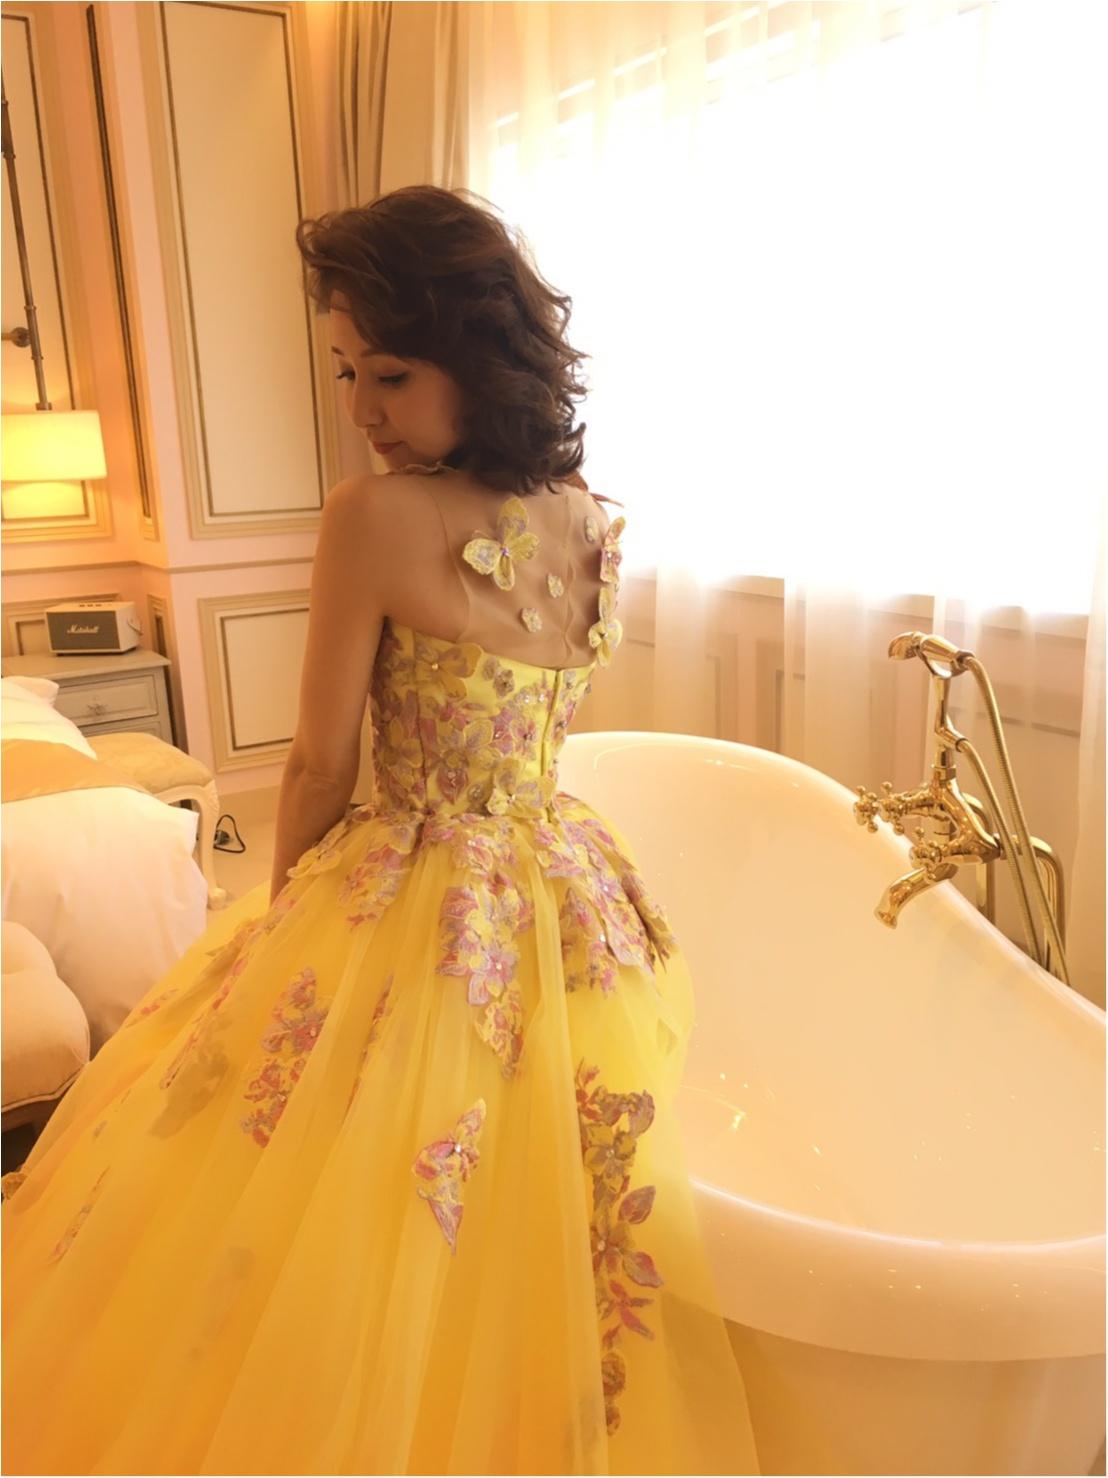 結婚式特集《ウェディングドレス編》- 20代に人気の種類やブランドは?_7